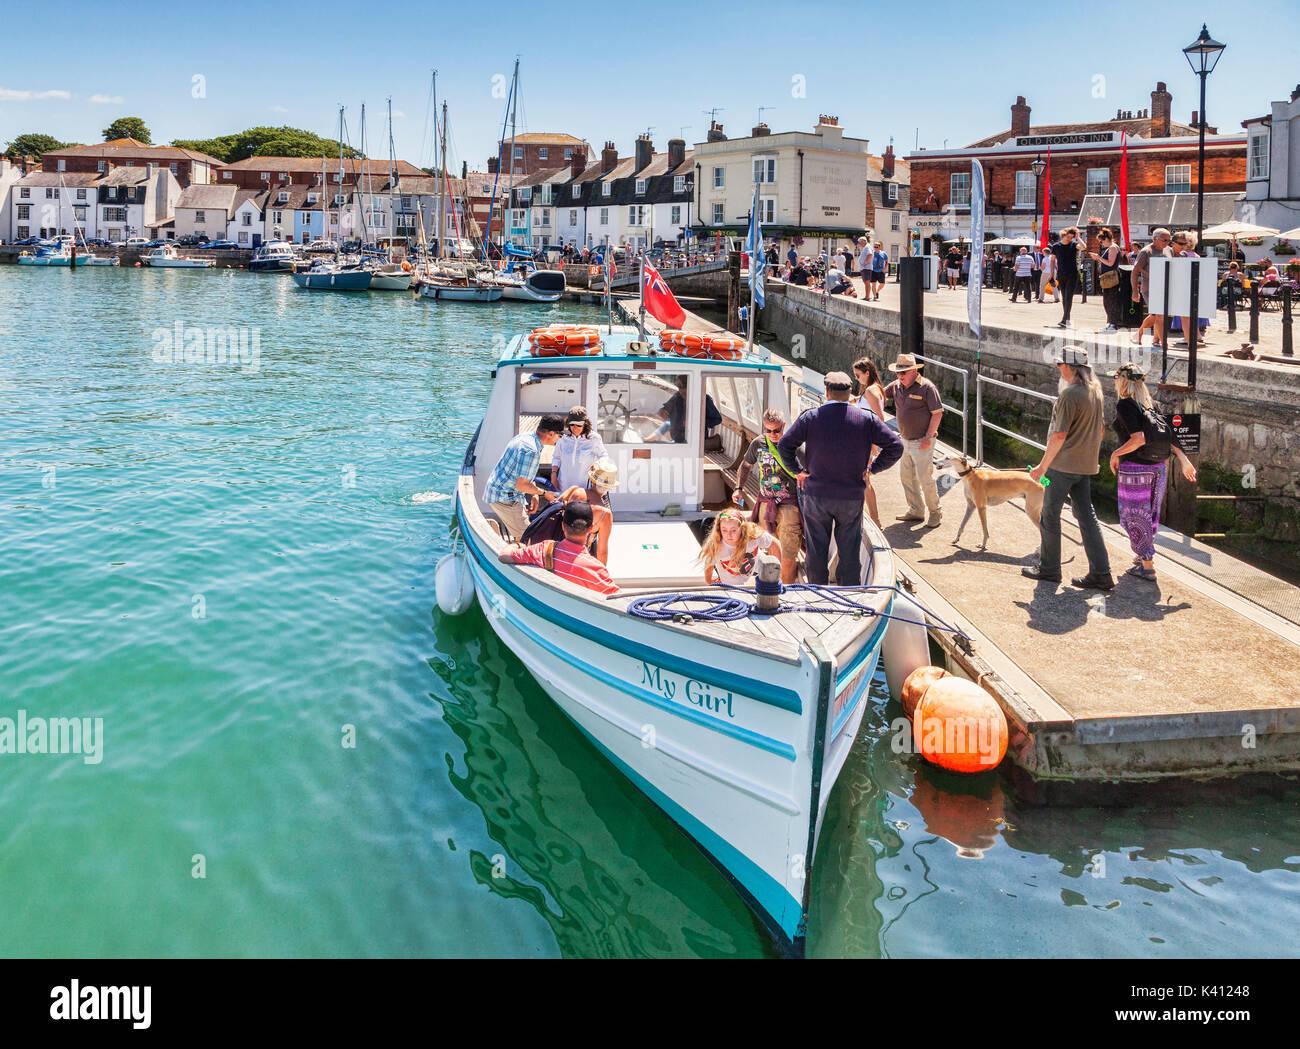 2 Luglio 2017: Weymouth Dorset, England, Regno Unito - i passeggeri con un cane di salire a bordo della barca di piacere la mia ragazza a Weymouth Docks su una soleggiata giornata estiva. Immagini Stock